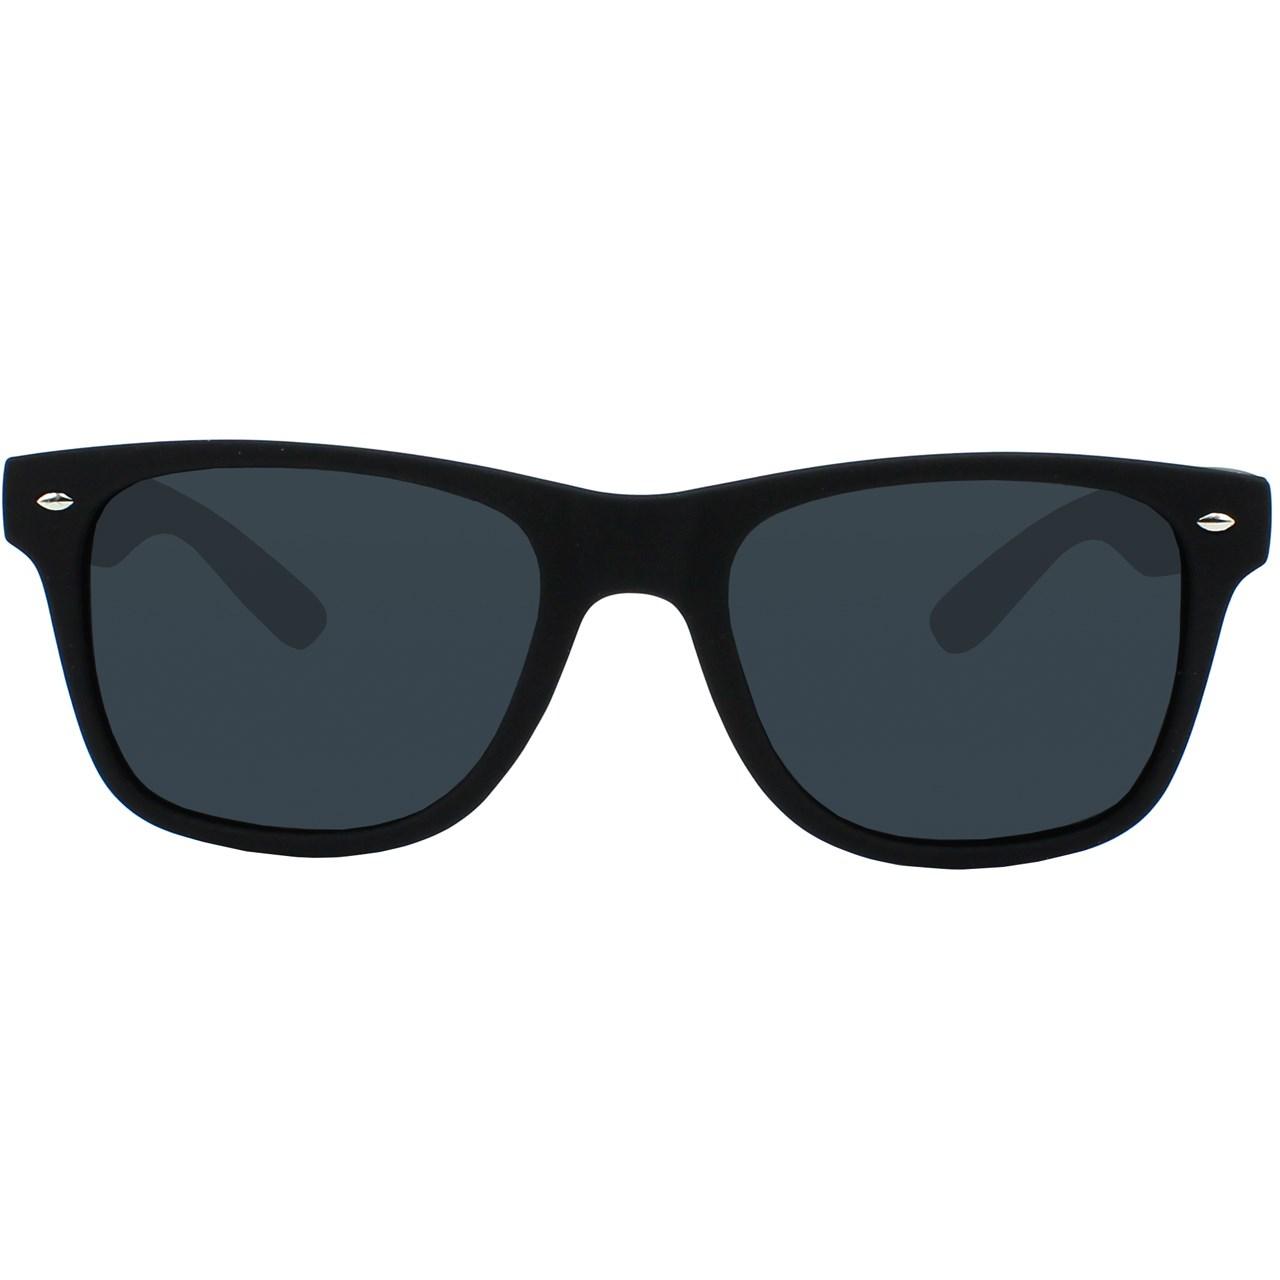 قیمت عینک آفتابی مدل Rain Bei2140